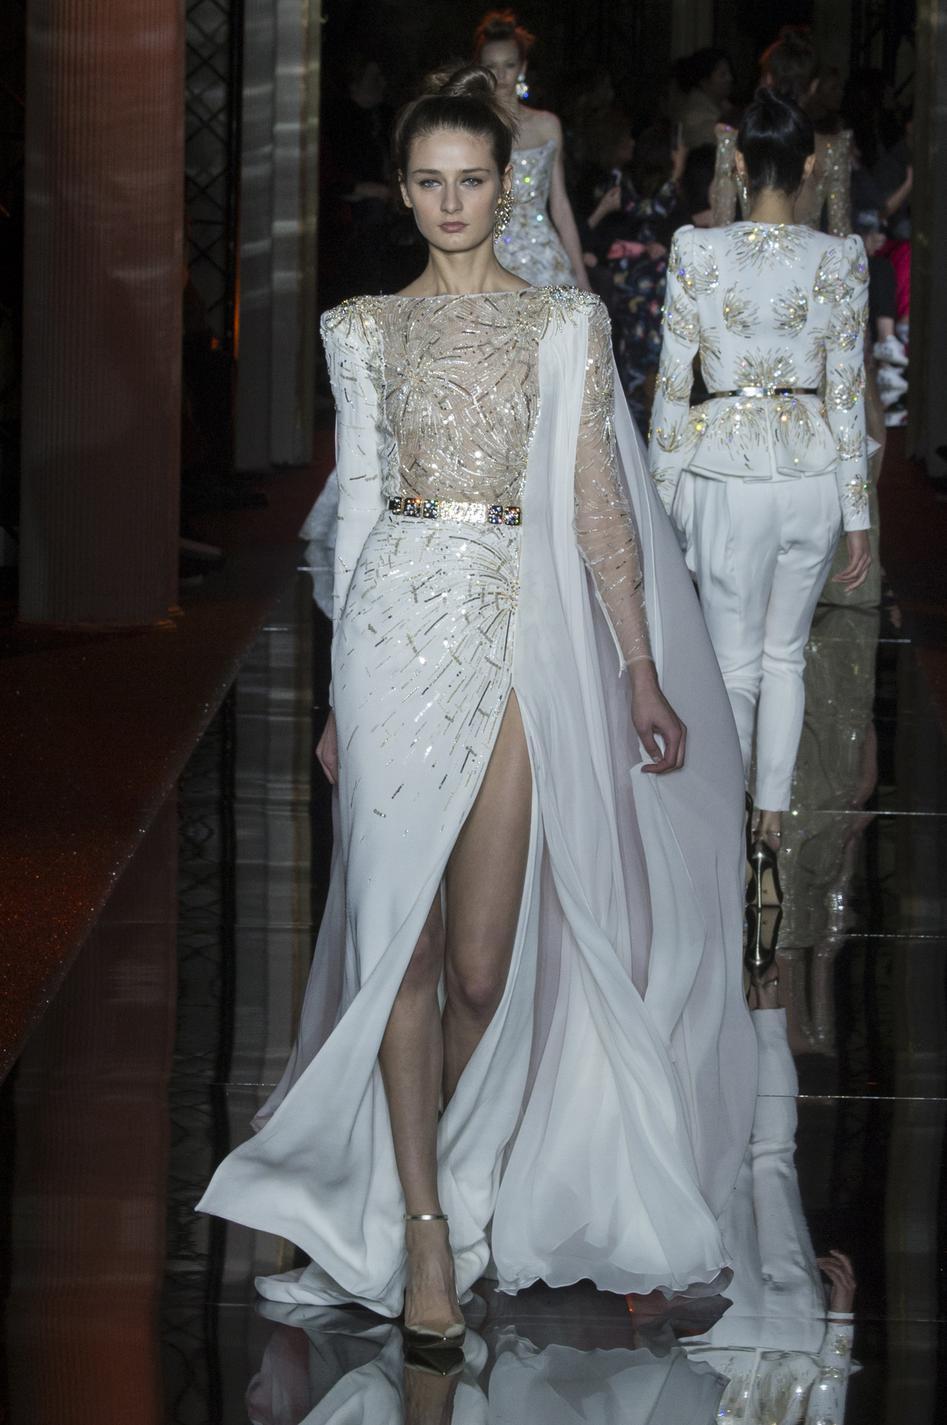 Préférence Chanel, Dior, Elie Saab Les plus belles robes couture SC63